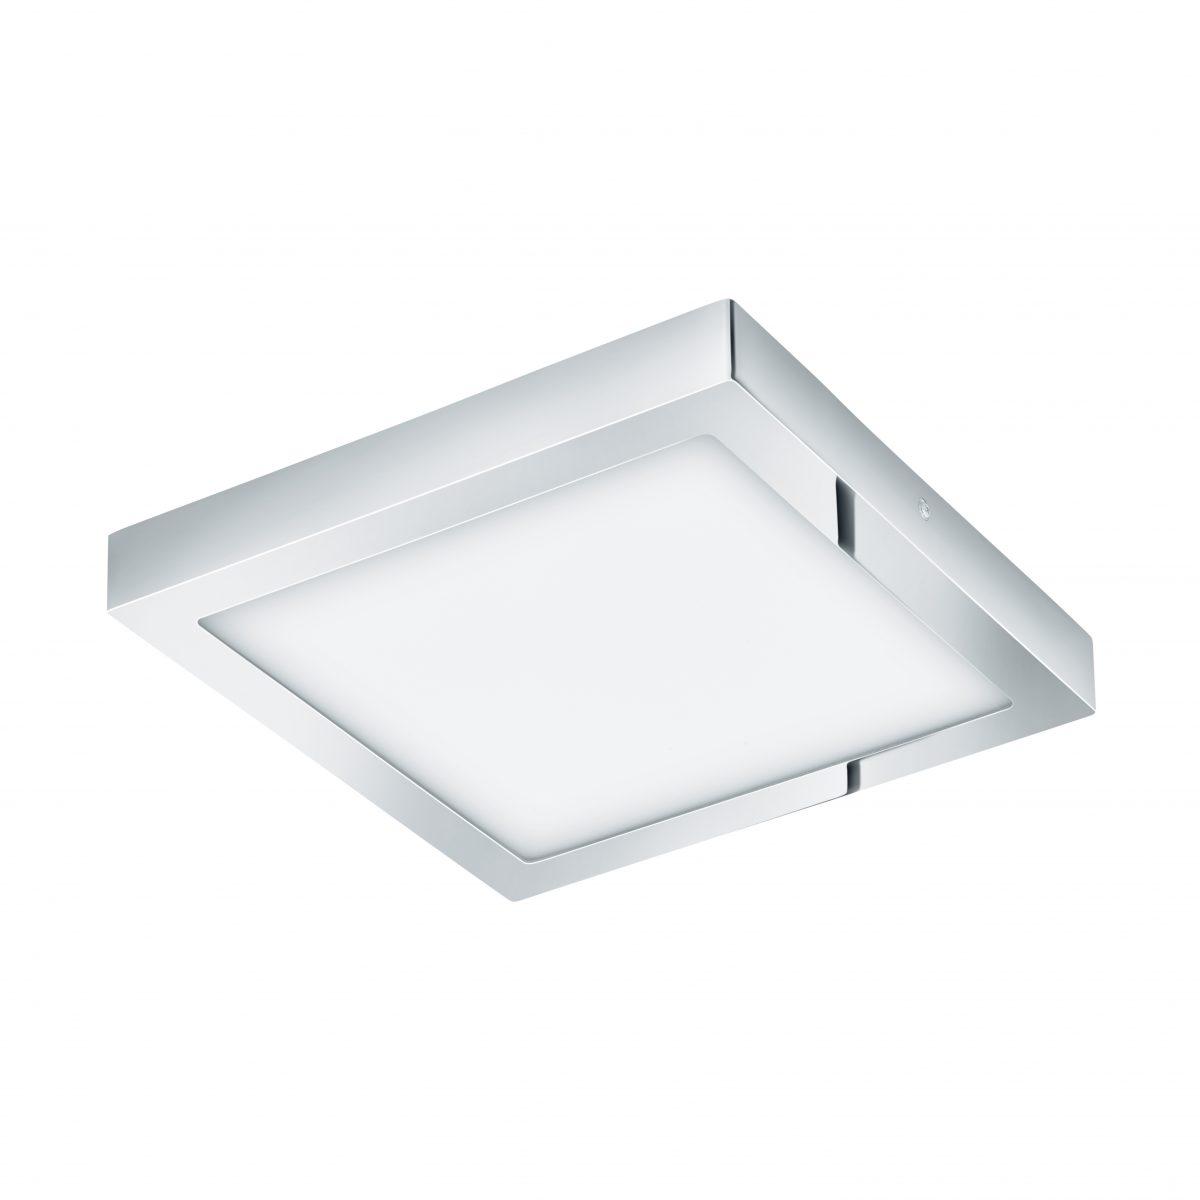 Светильник настенно-потолочный FUEVA 1 EGLO 96247 - Фото №28